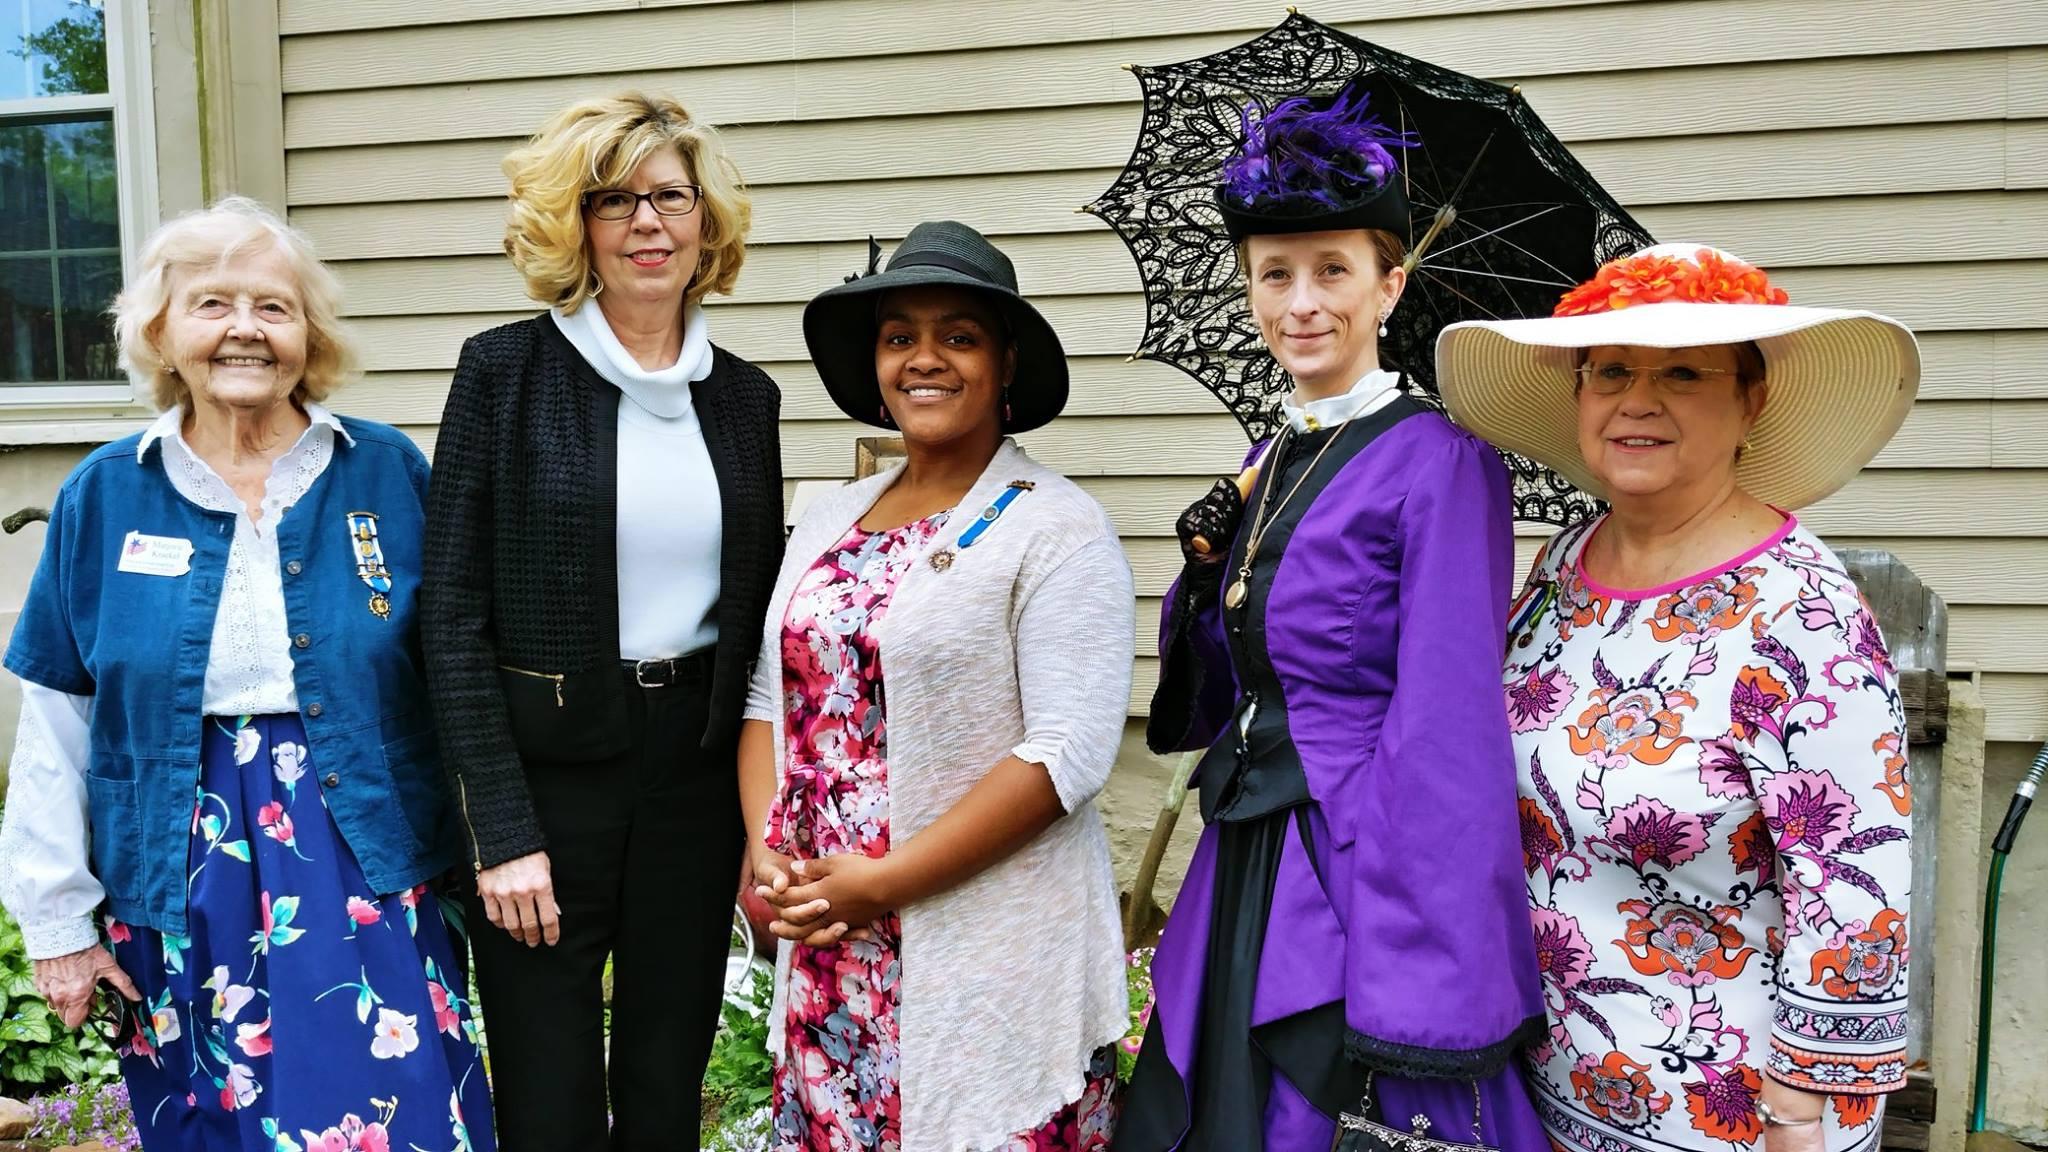 five women wearing fancy hats and attire